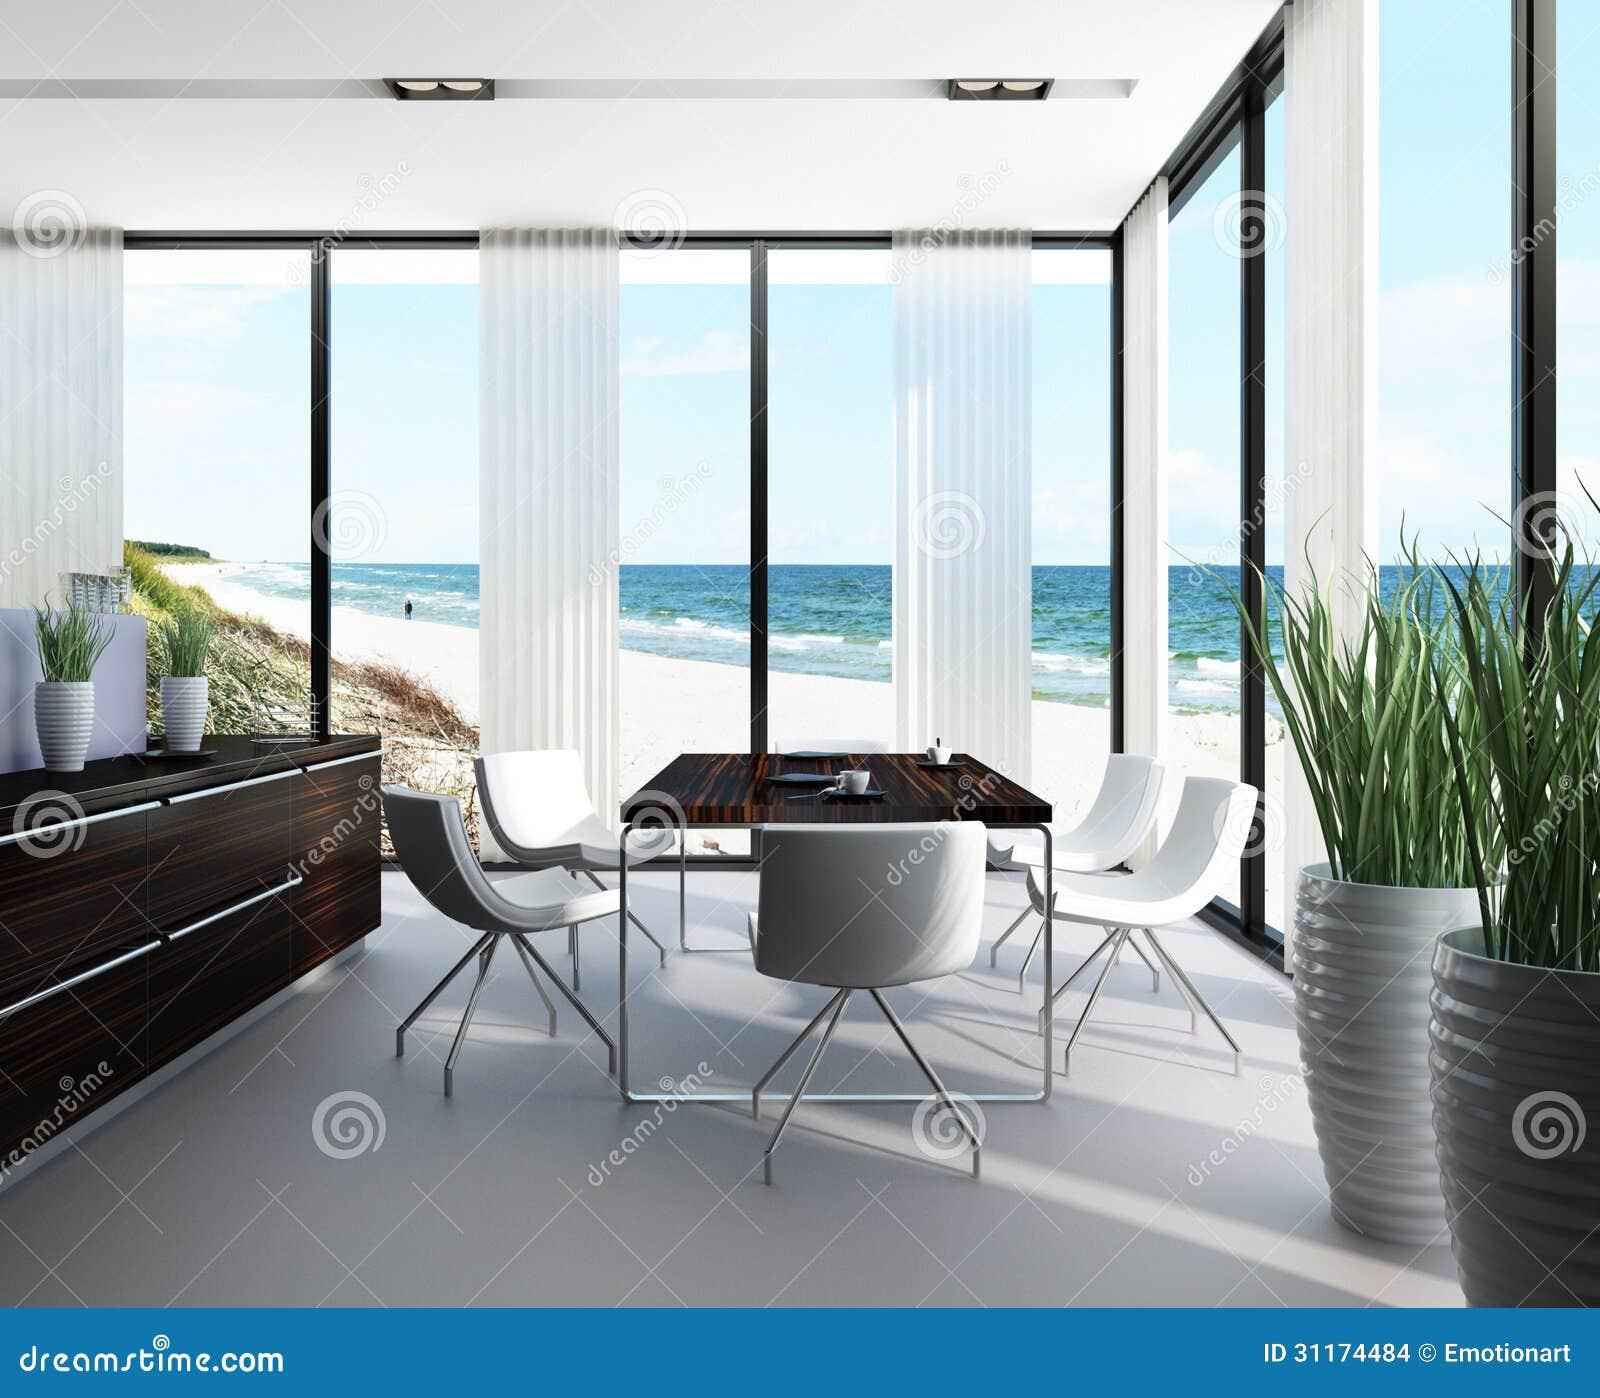 Modernes esszimmer innenarchitektur stock abbildung for Innenarchitektur esszimmer